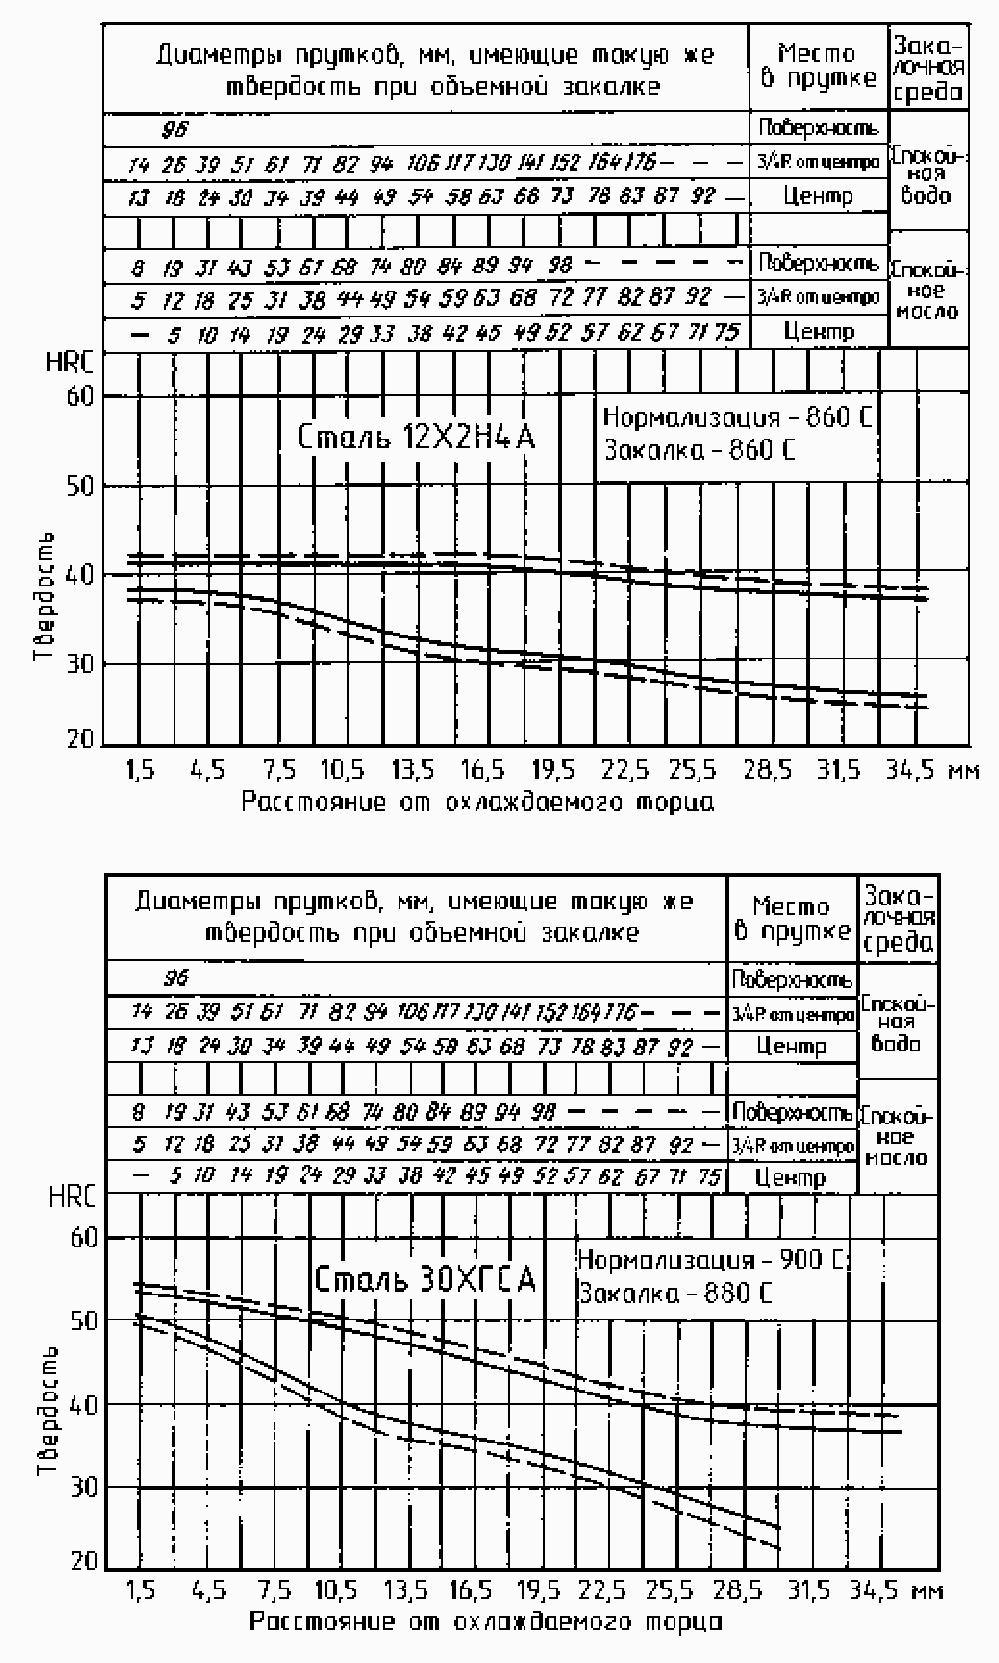 прокаливаемость стали 12х2н4а и стади 30хгса